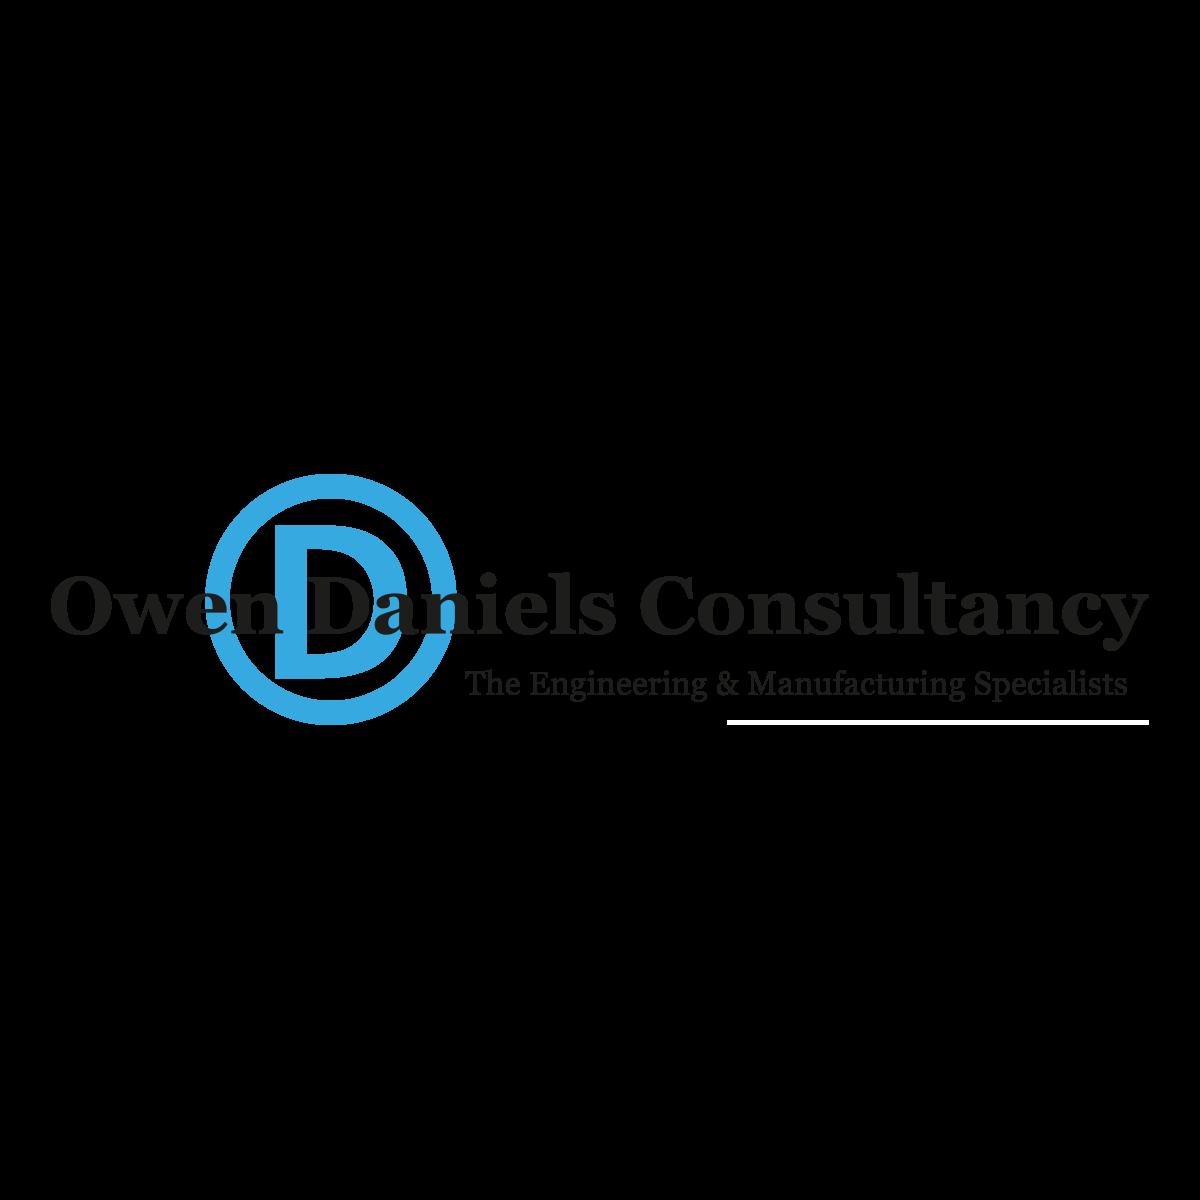 owen daniels consultancy logo